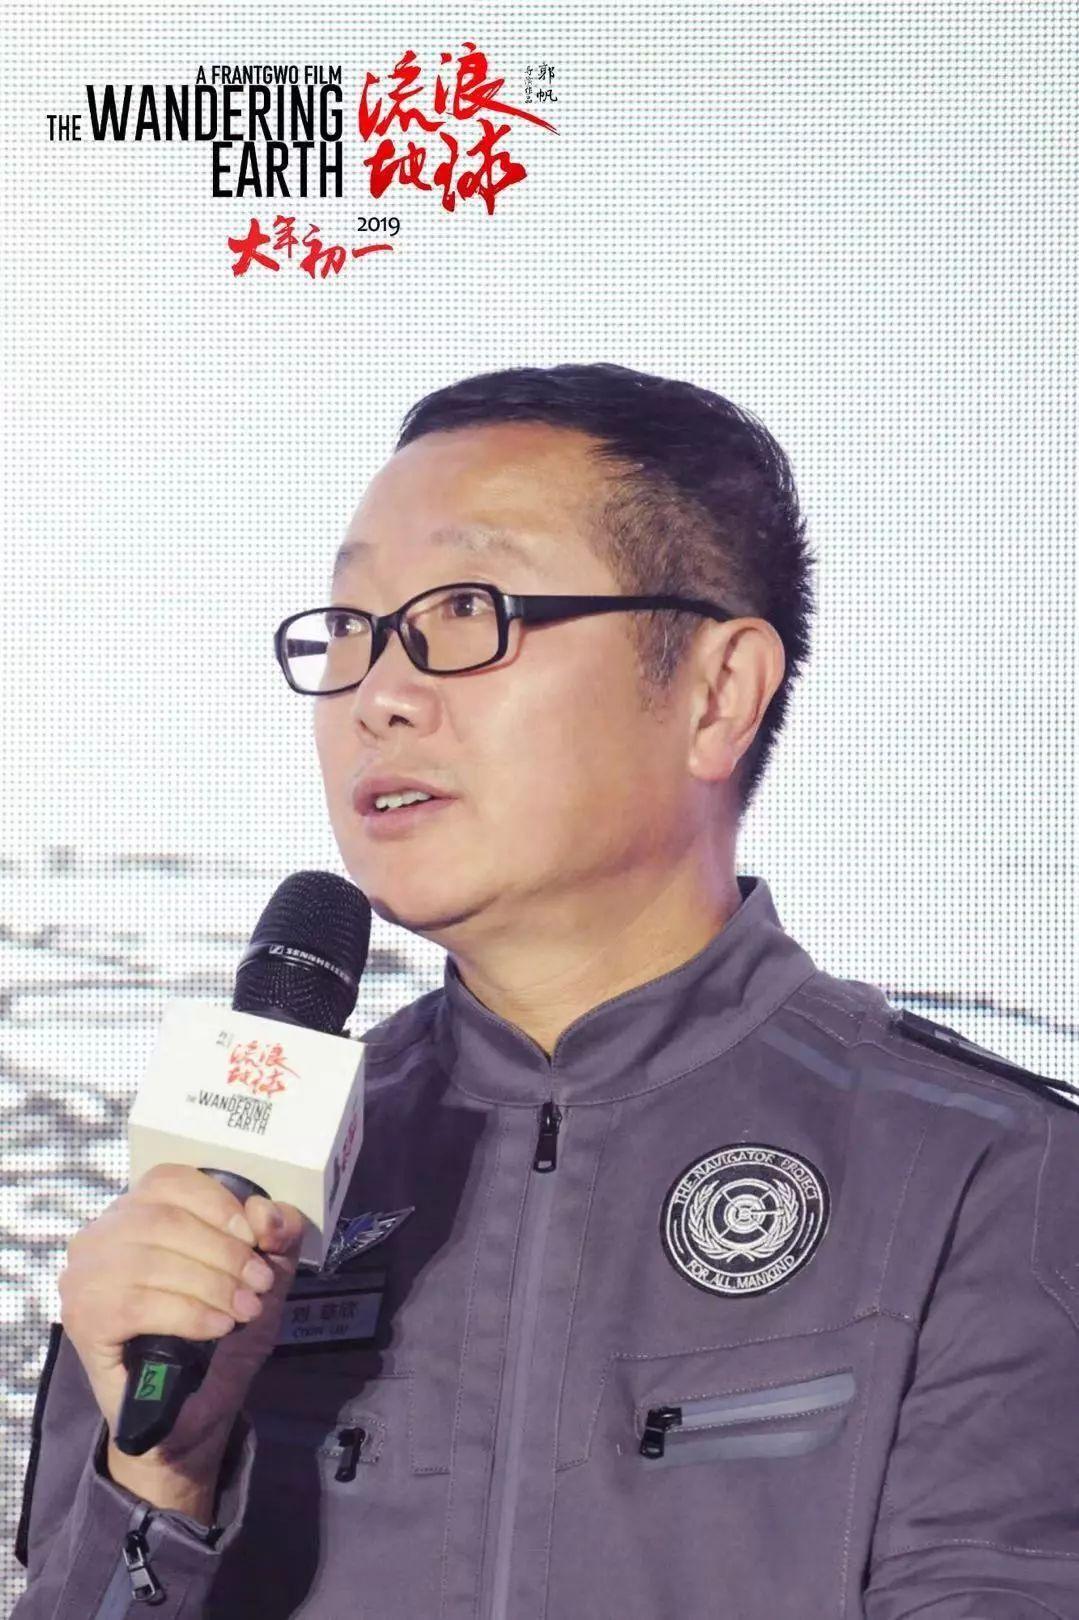 《流浪地球》背后:没有全球市场的中国科幻电影凭什么赢? | 科幻电影史话